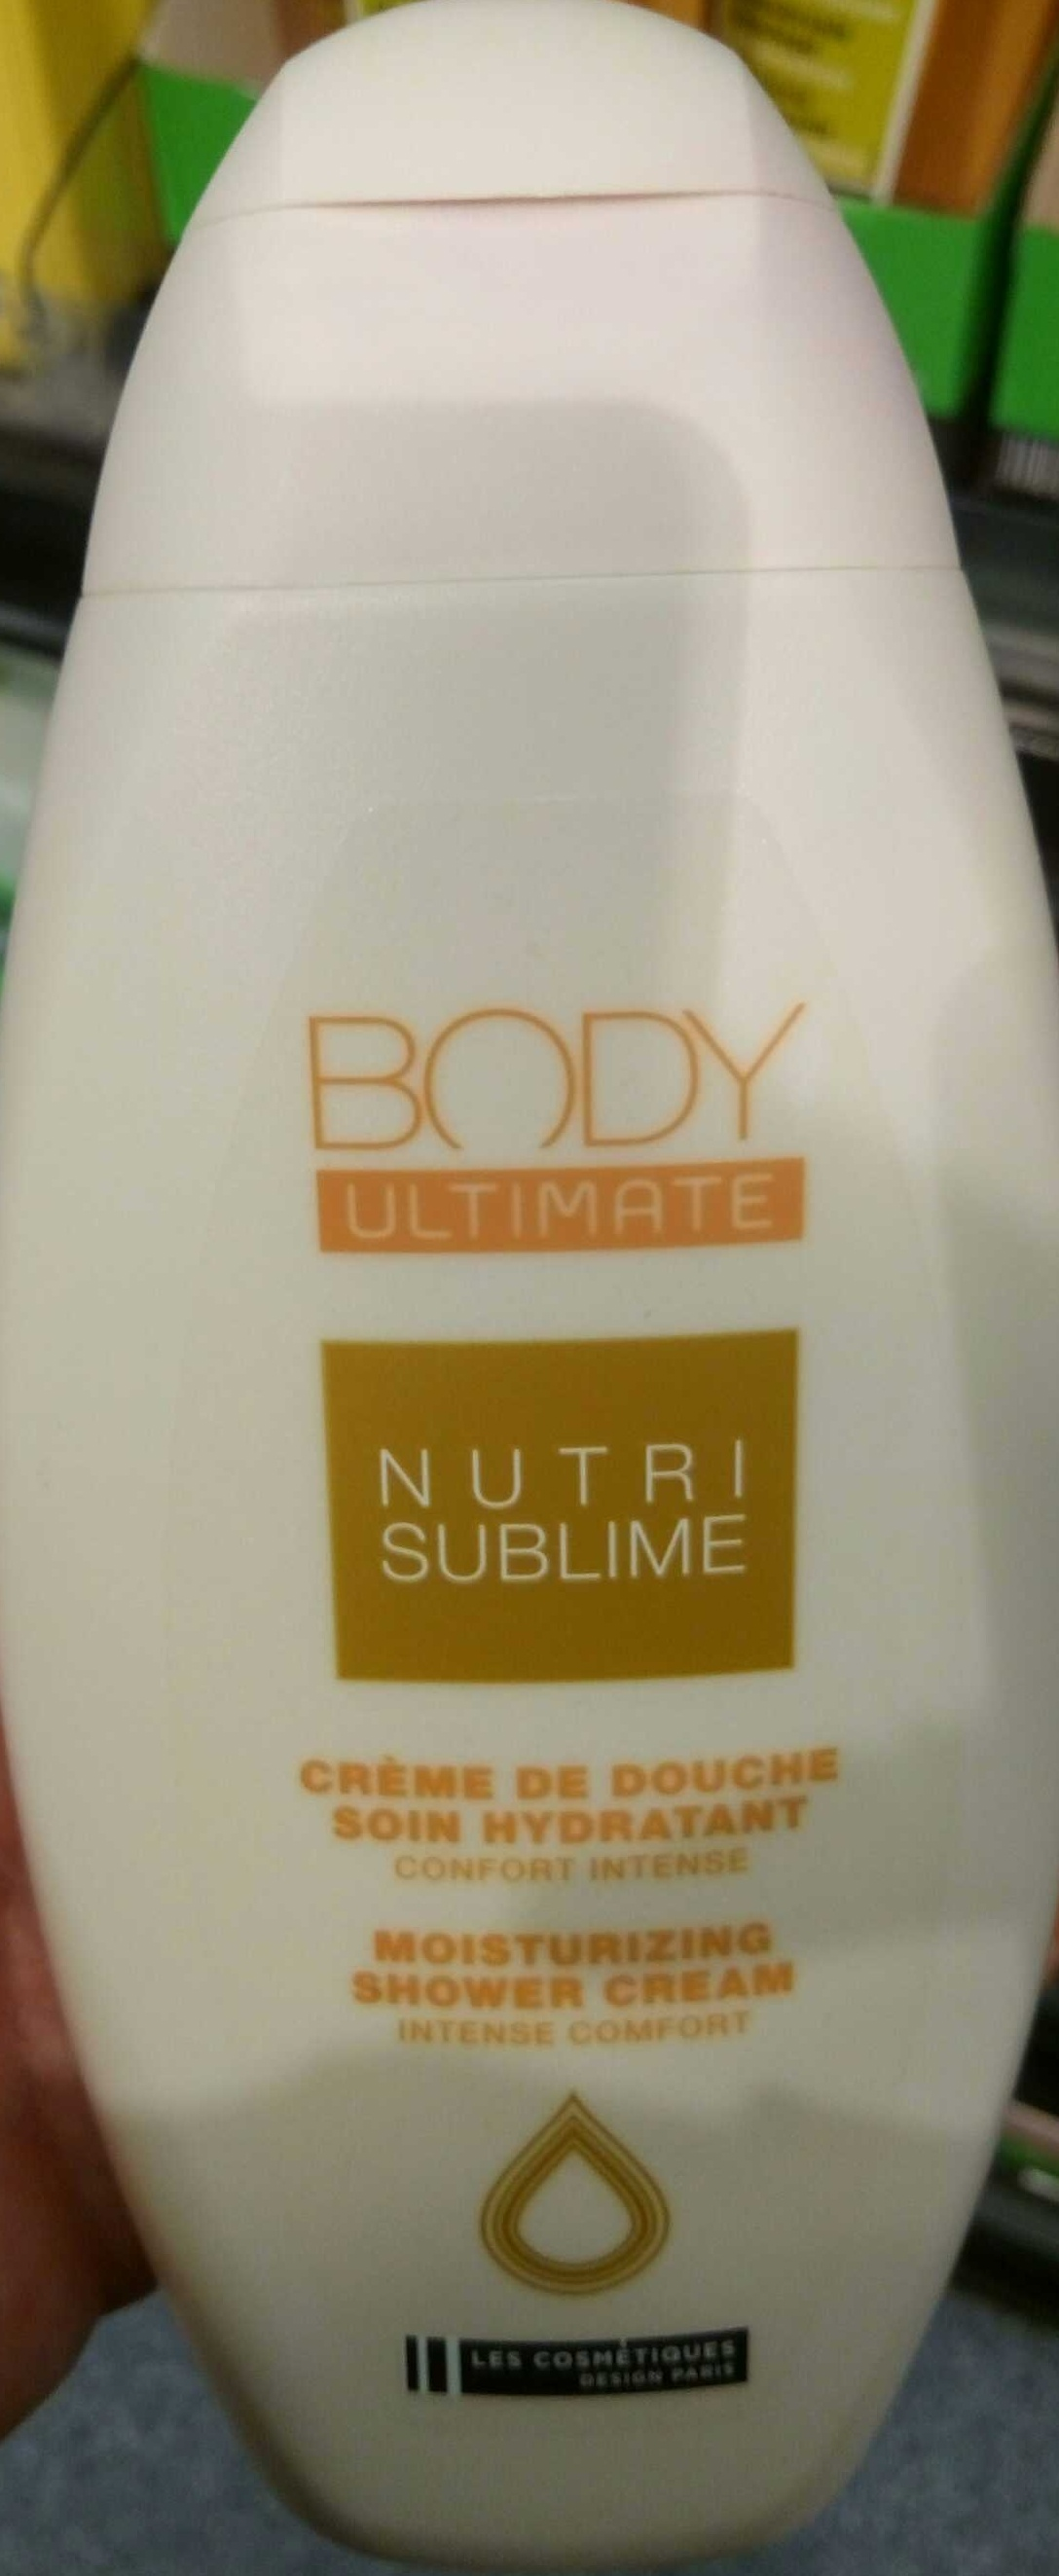 Nutri Sublime Crème de douche soin hydratant - Produit - fr